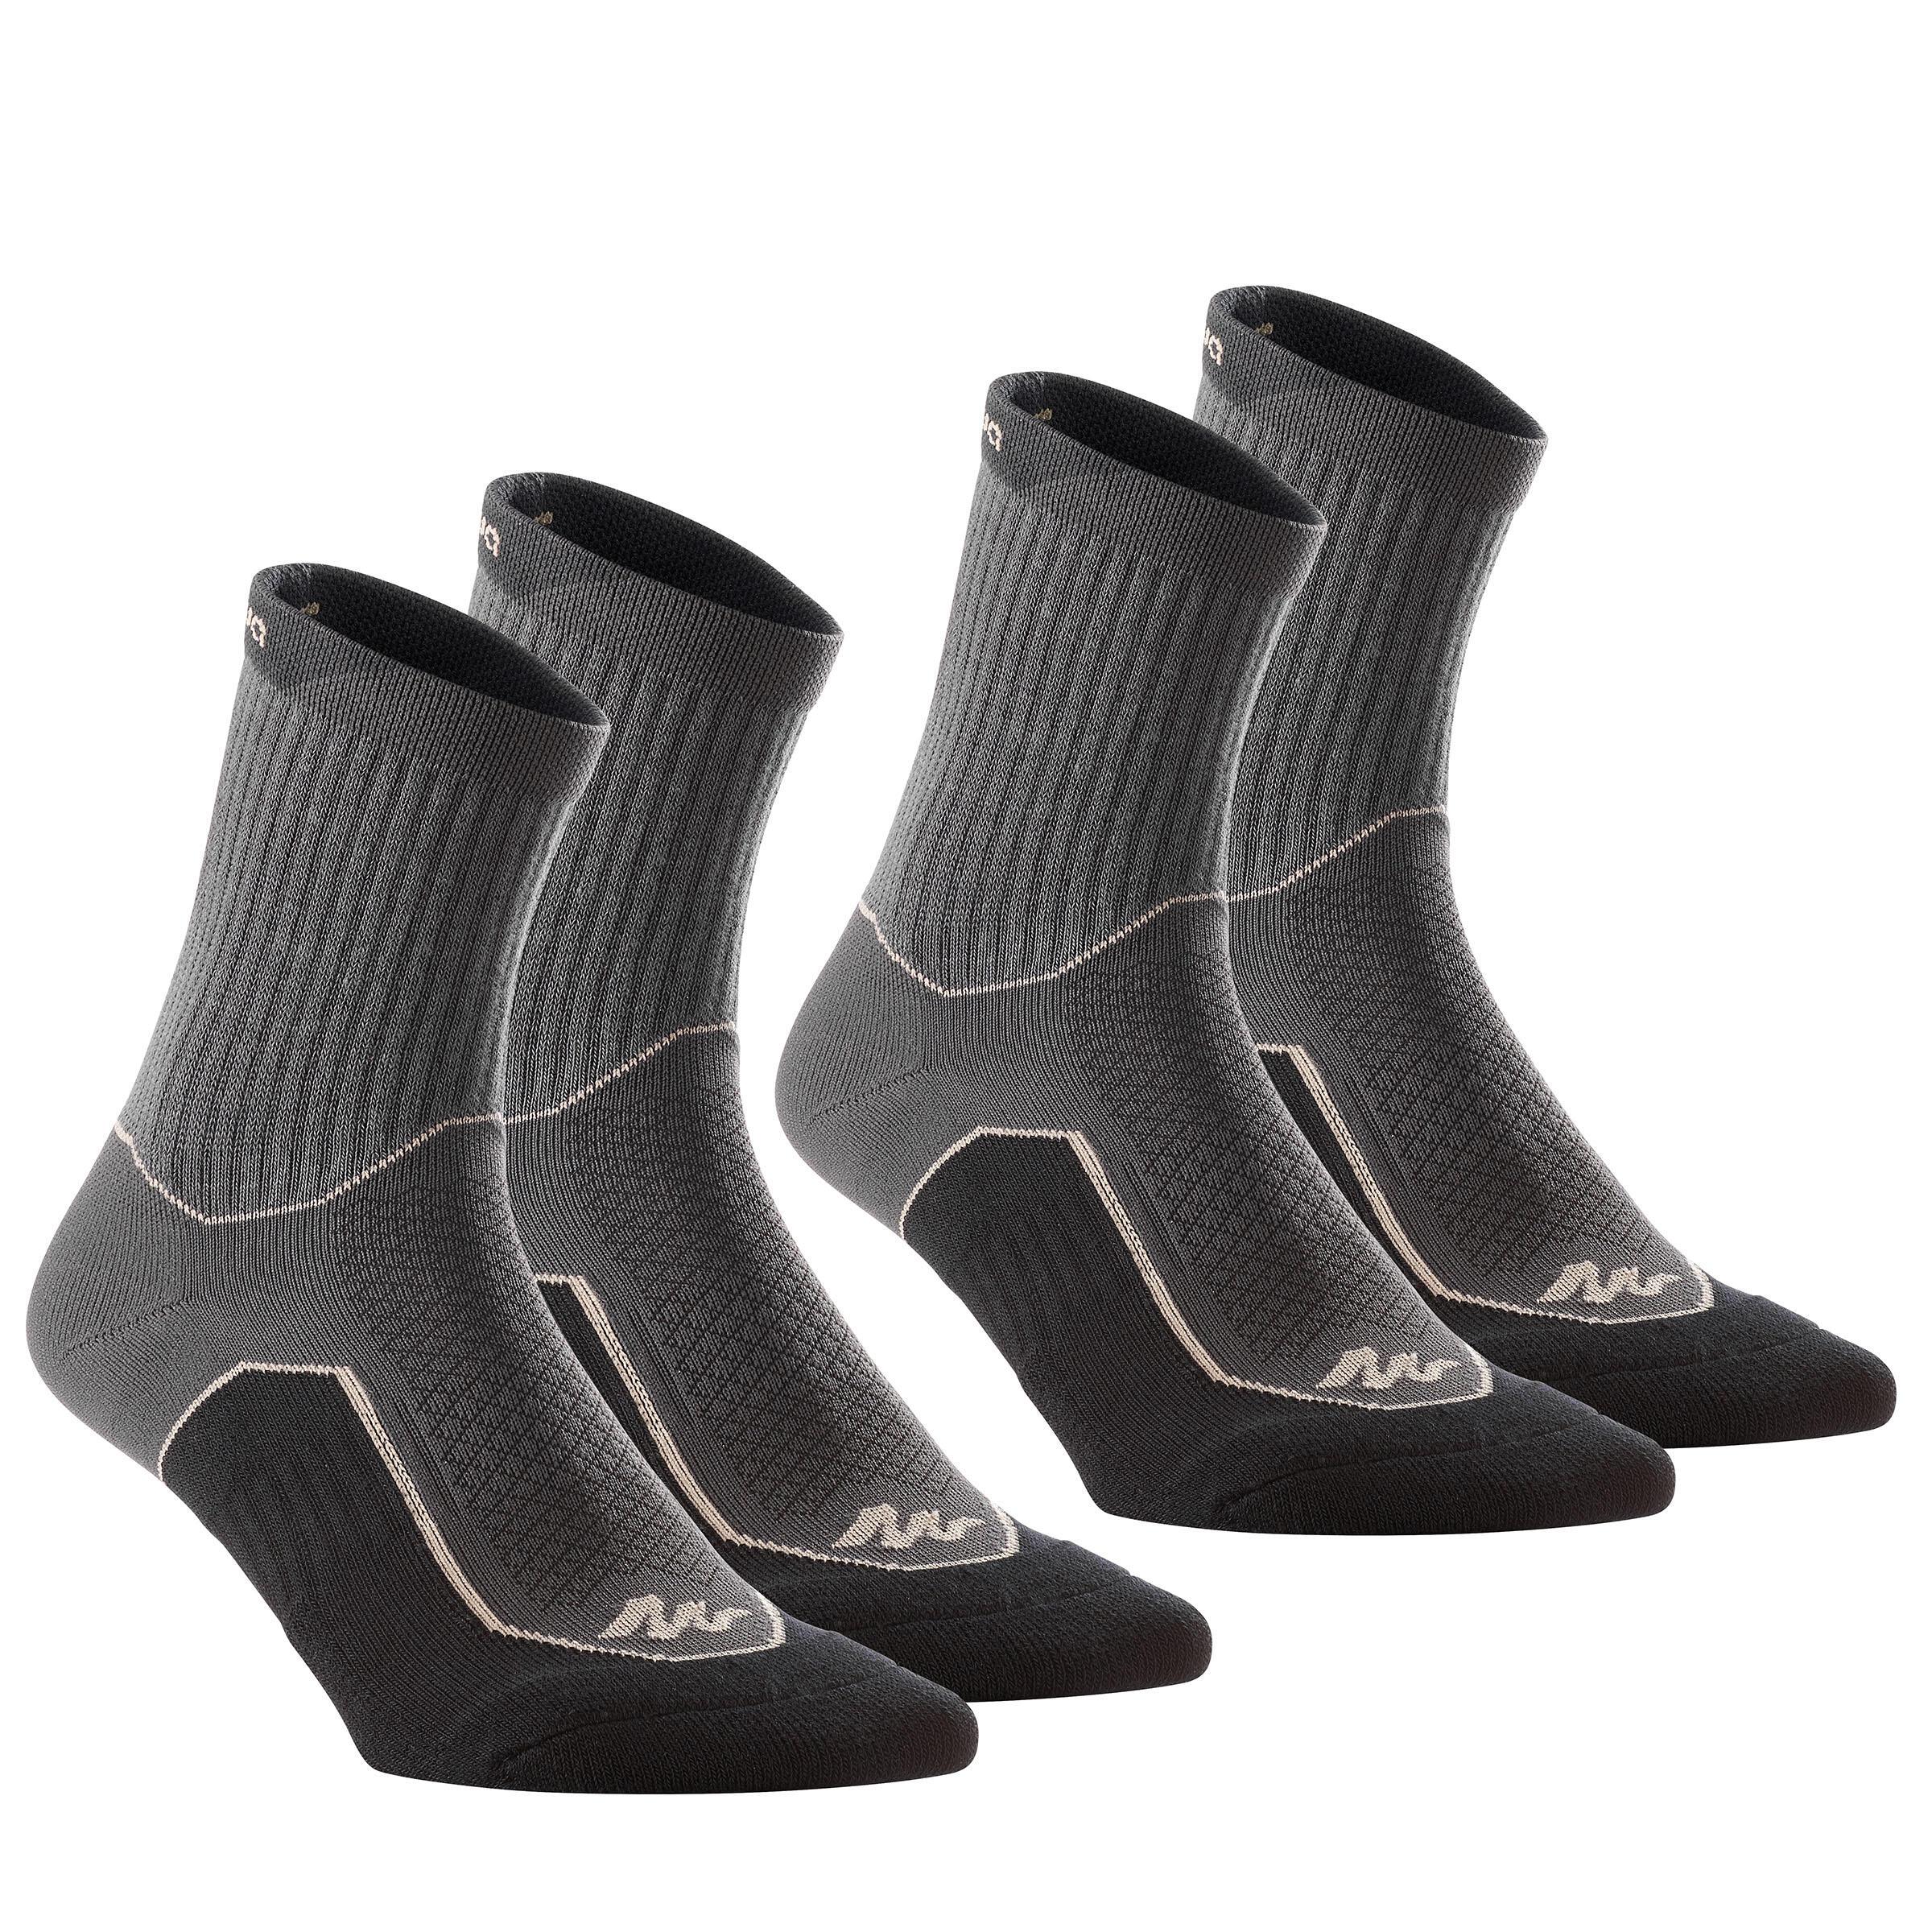 absorbant la sueur Chaussettes de sport basket-ball pour homme et femme pour adultes respirantes randonn/ée patinage /à glace course /à pied /épaisses cyclisme